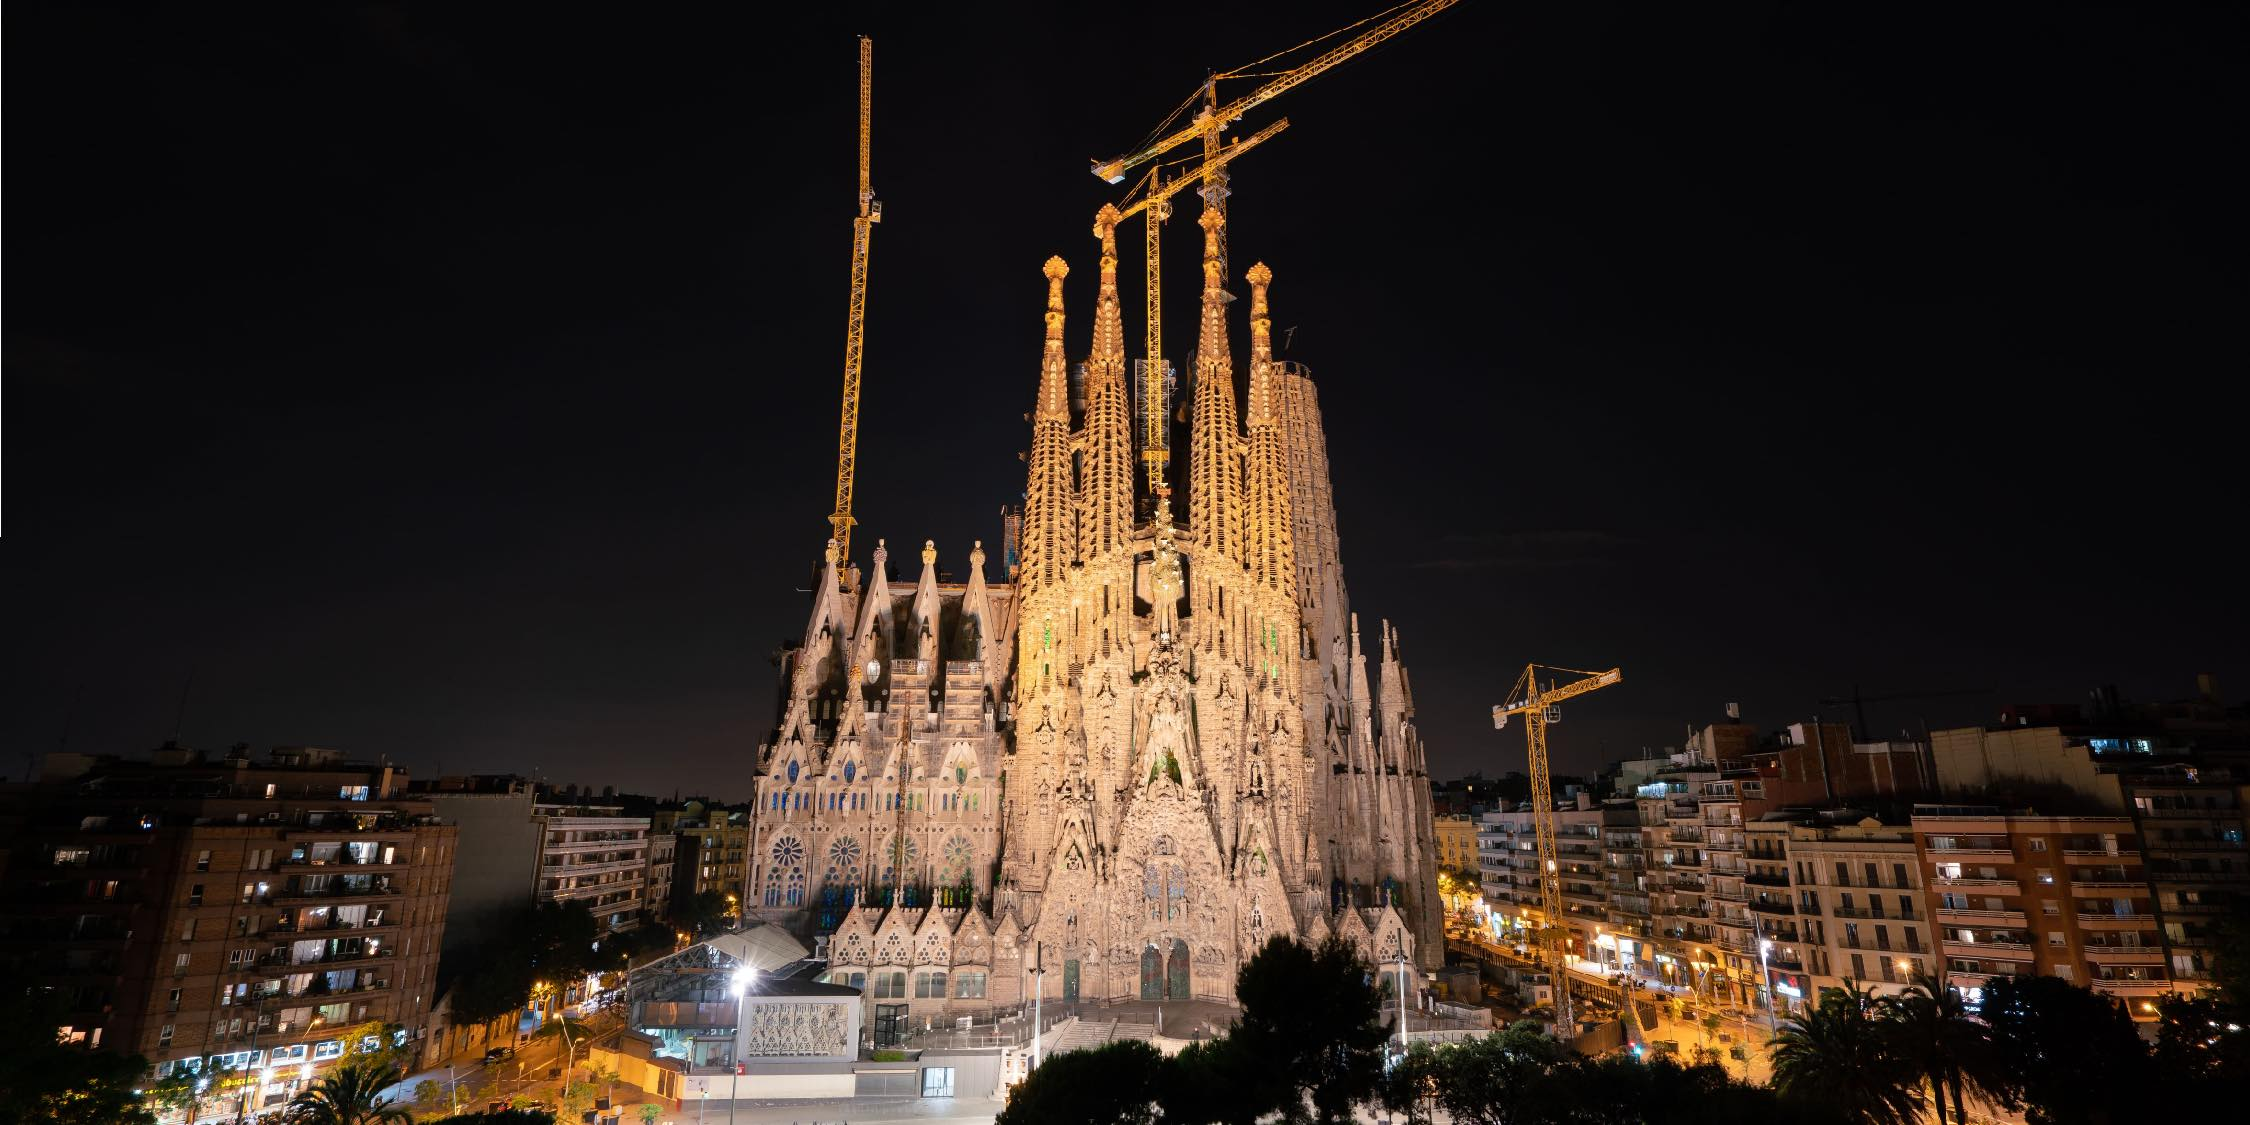 La Sagrada Familia サグラダファミリア 聖家堂